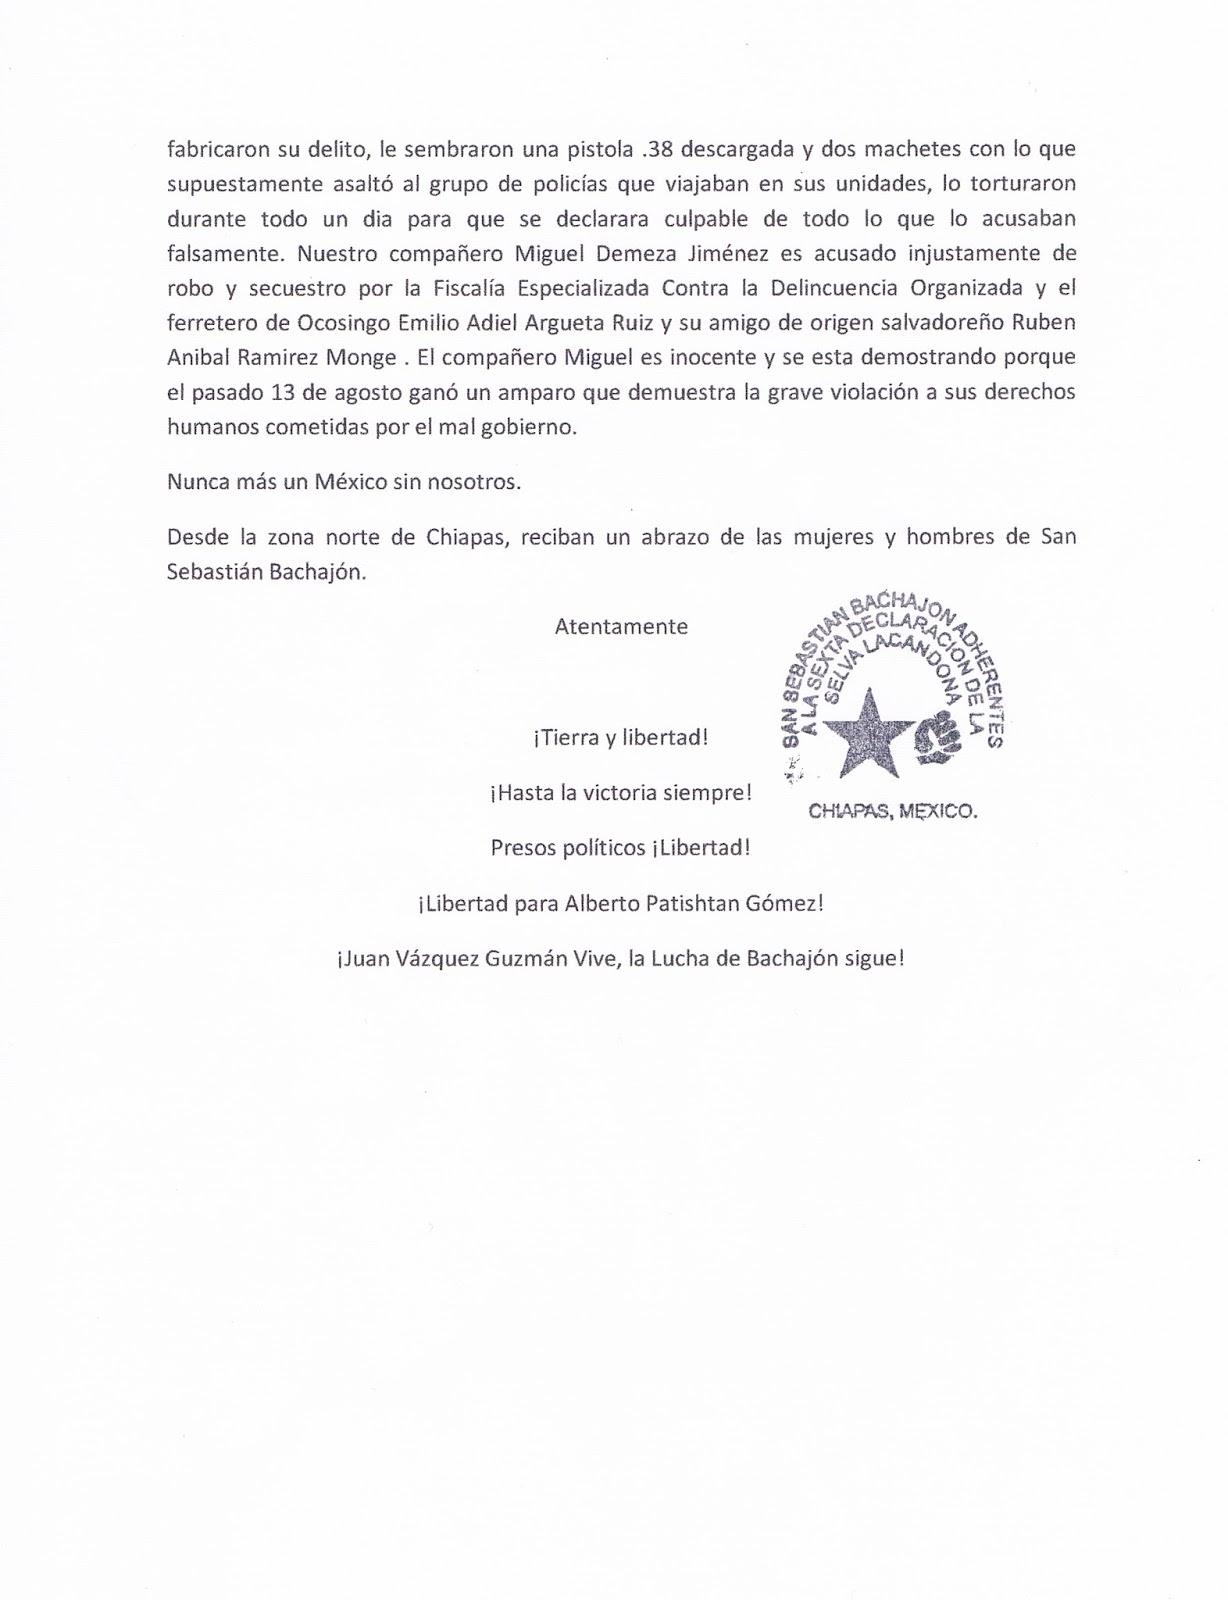 Ejidatarios de San Sebastían Bachajón, adherentes a la sexta, exigen libertad de Alberto Patishtán, de Antonio Estrada Estrada y Miguel Demeza Jiménez